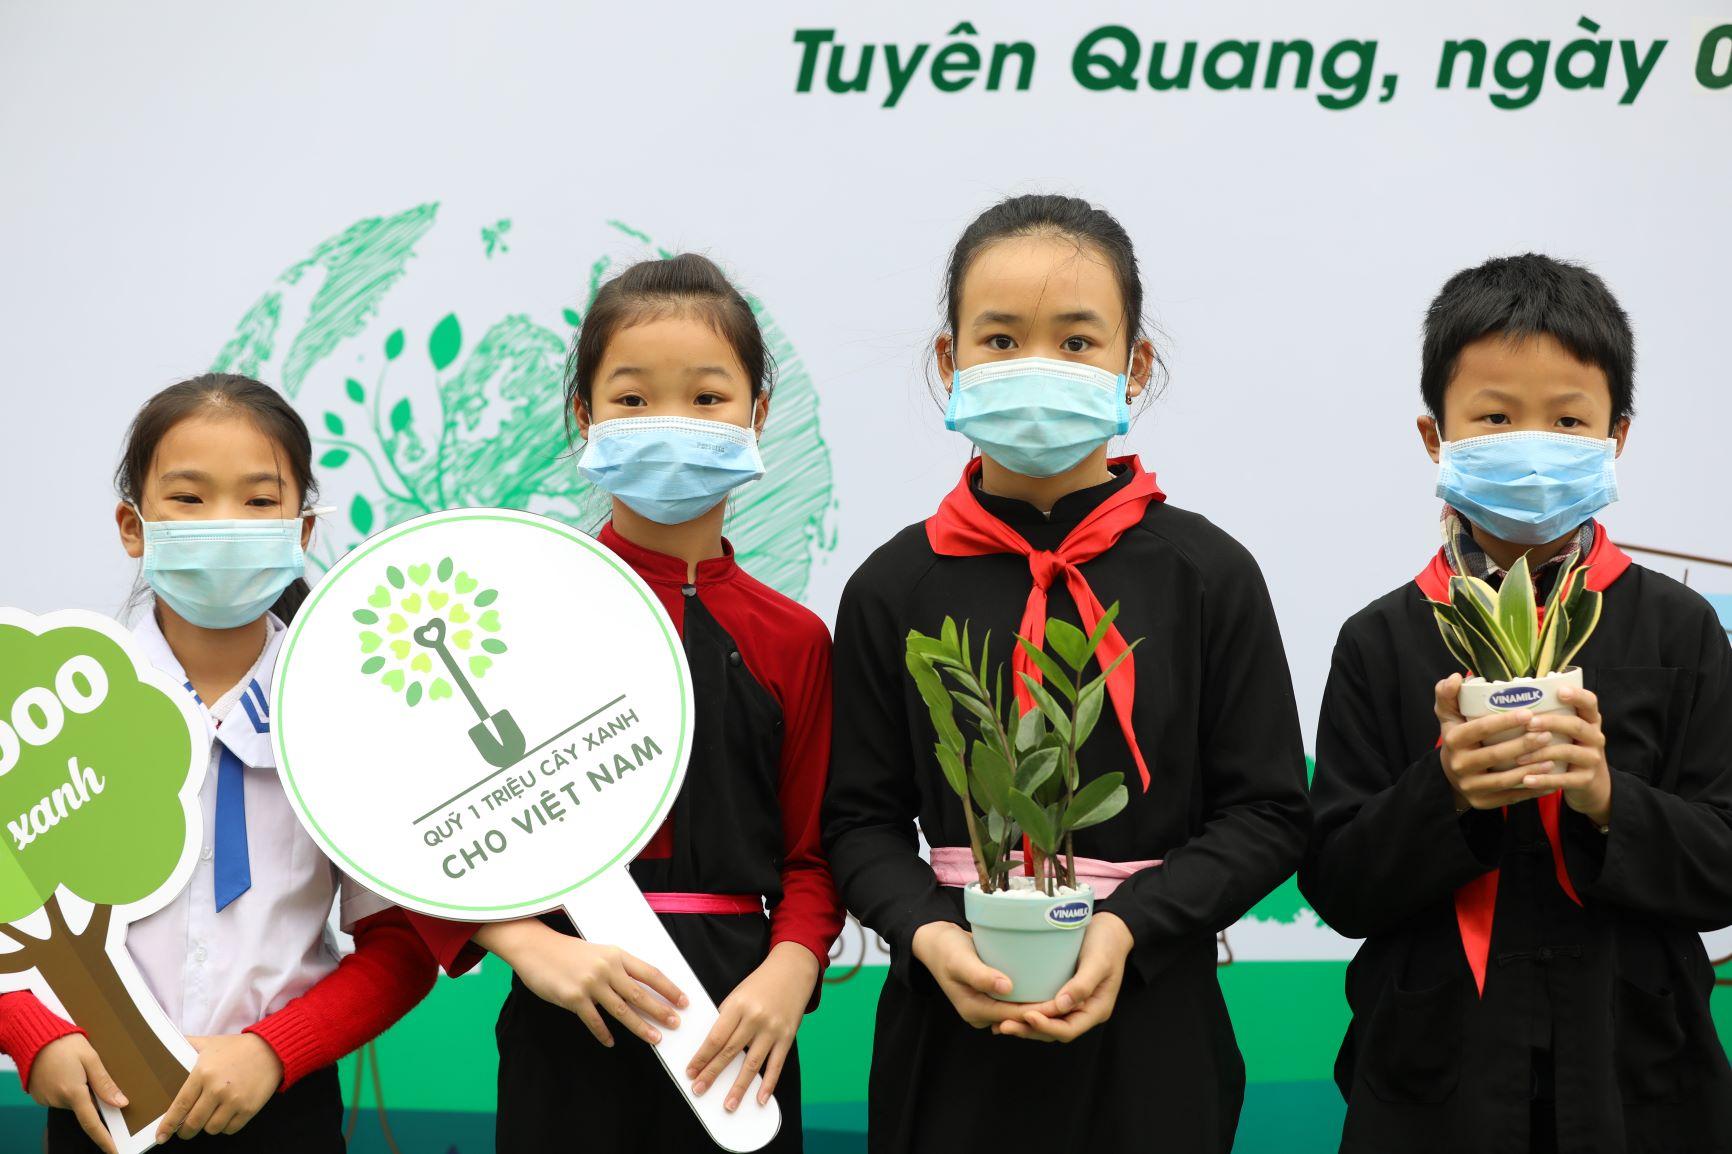 """Quỹ 1 triệu cây xanh cho Việt Nam của Vinamilk - Chương trình vì môi trường tạo được """"dấu ấn xanh"""" đặc biệt với cộng đồng 13"""